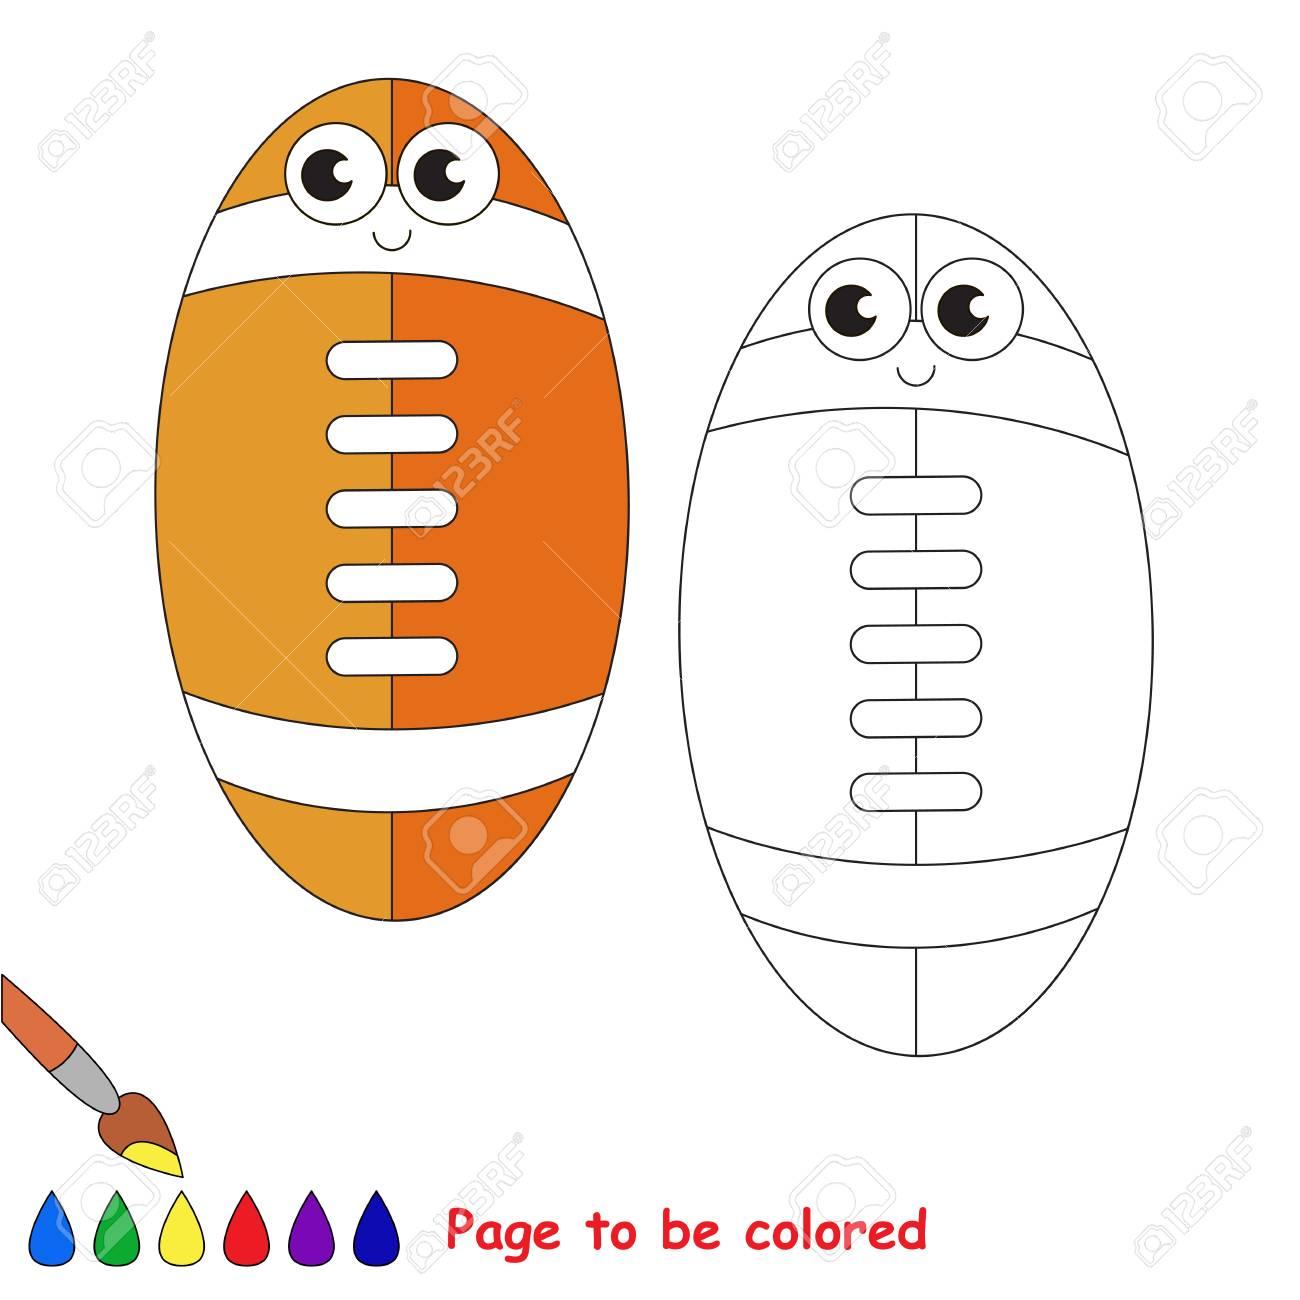 Funny Balón De Fútbol Para El Fútbol Americano A Ser De Color El